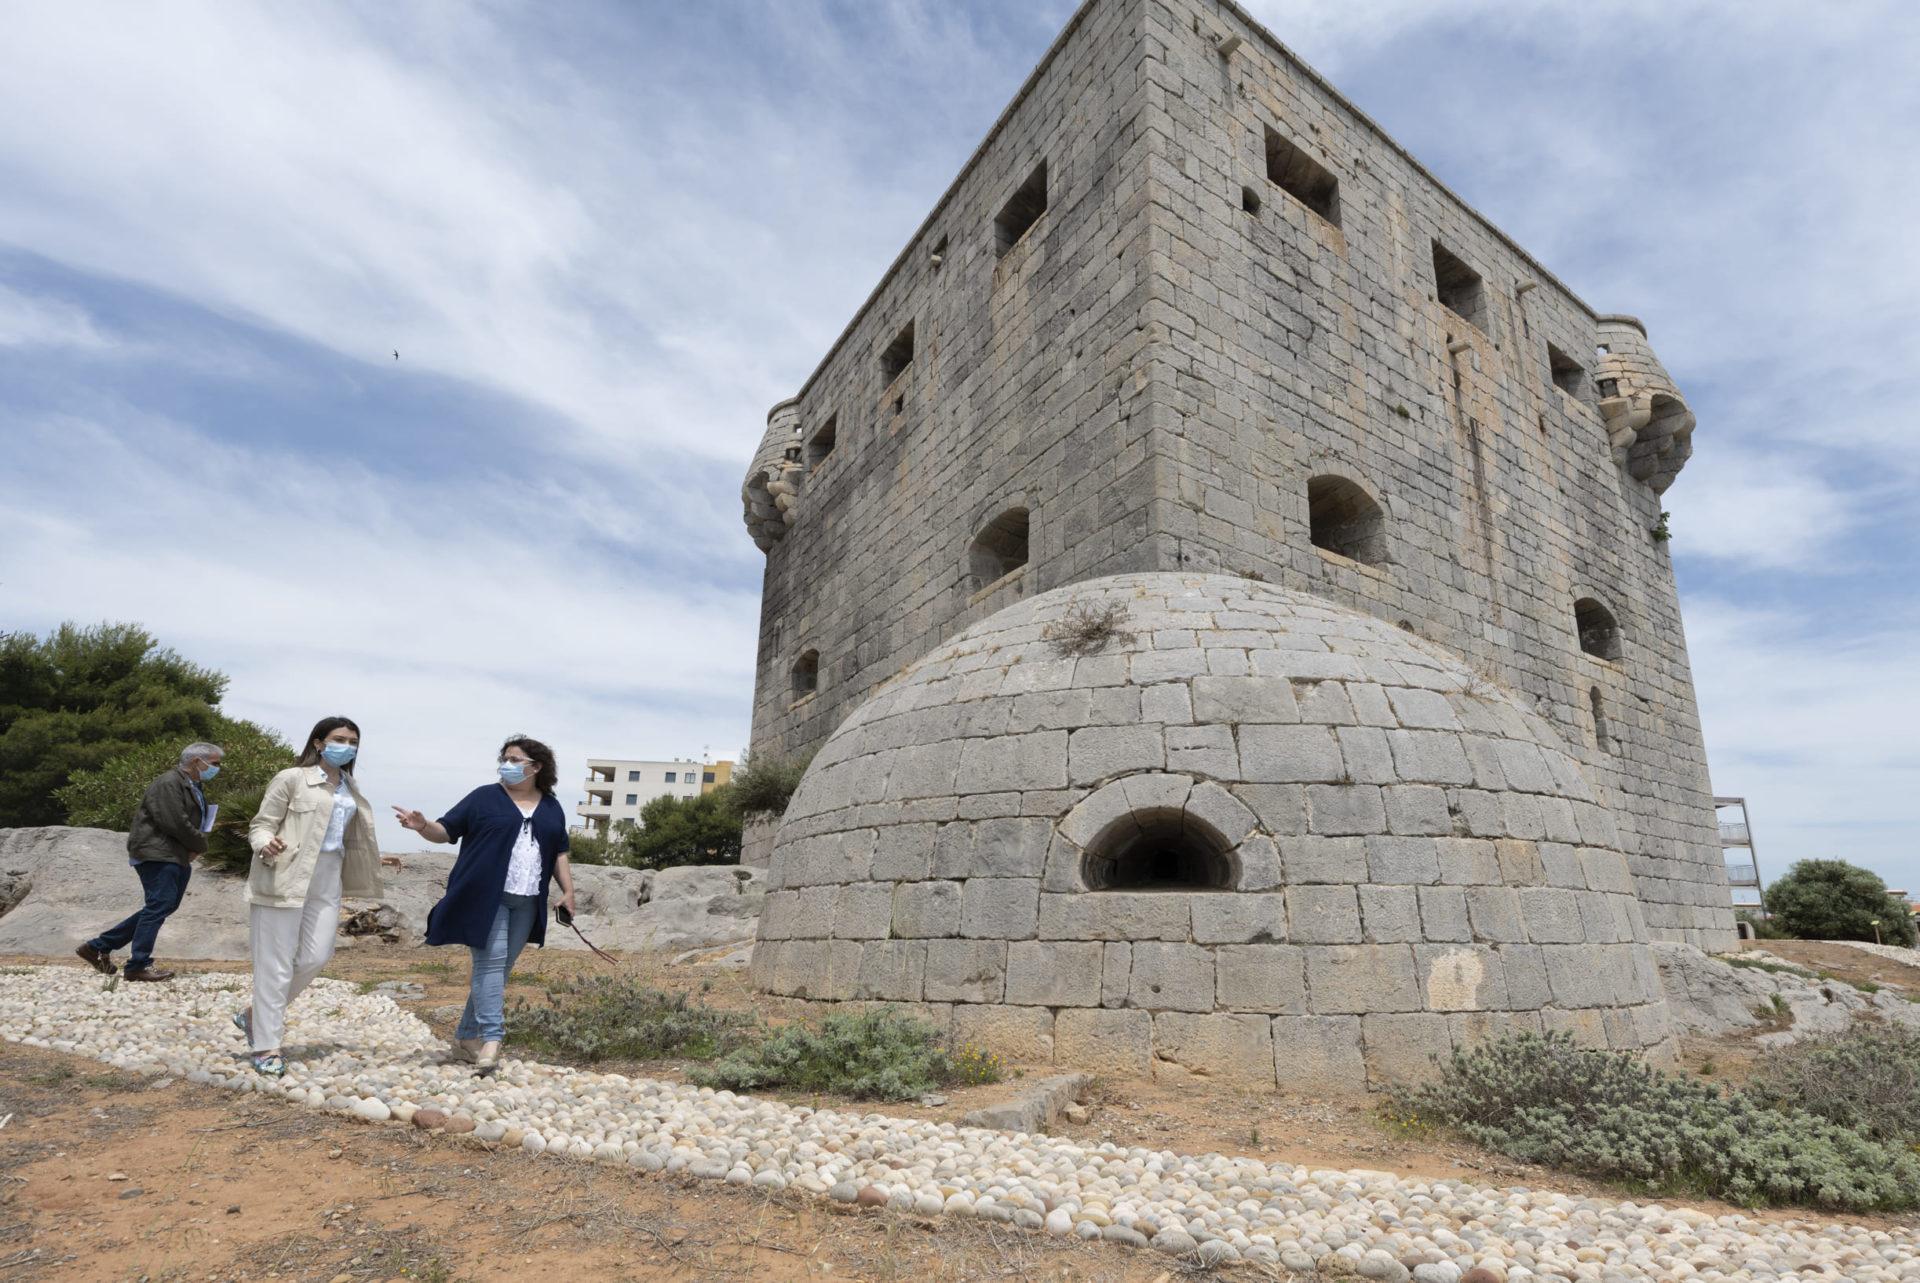 La diputada de Cultura, Ruth Sanz, ha visitado la torre junto a la alcaldesa, María Jiménez, para ver su estado de conservación